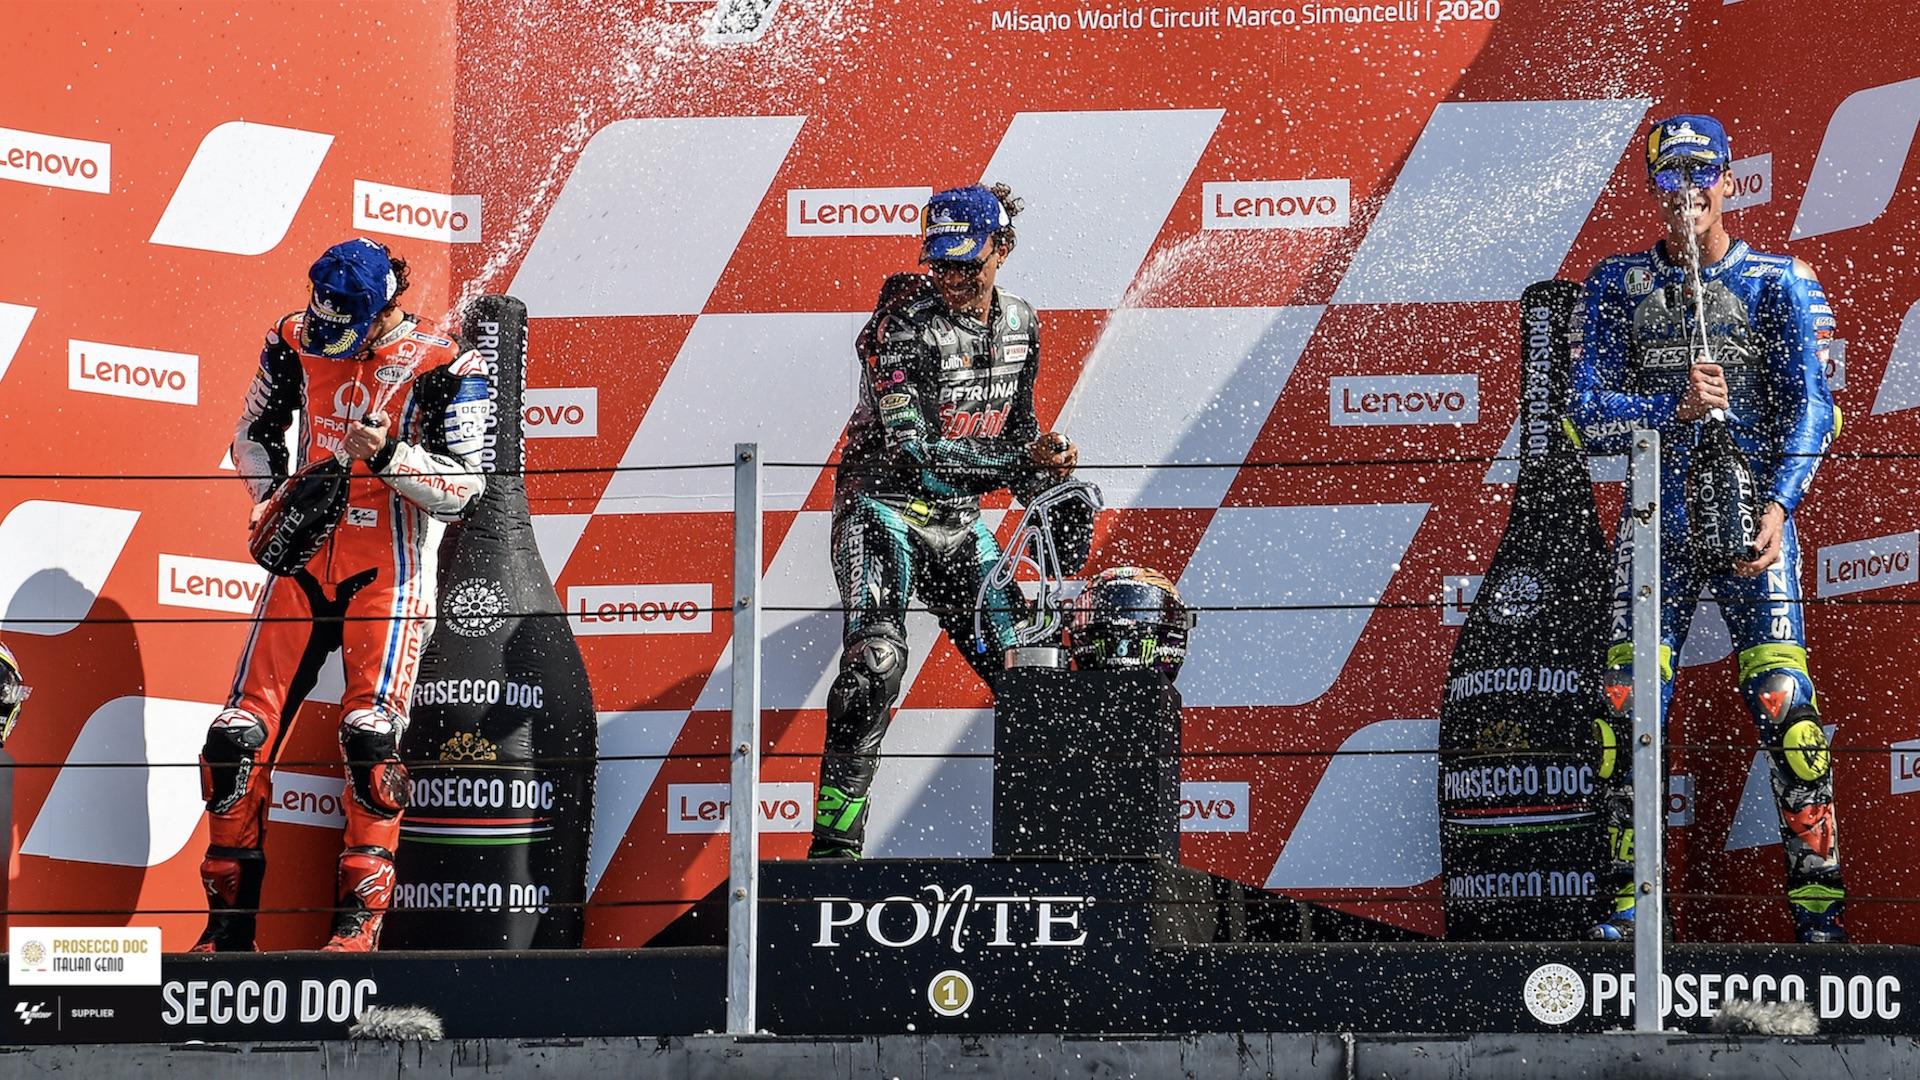 G. P. MOTORCYCLE: ITALY WON AT HOME